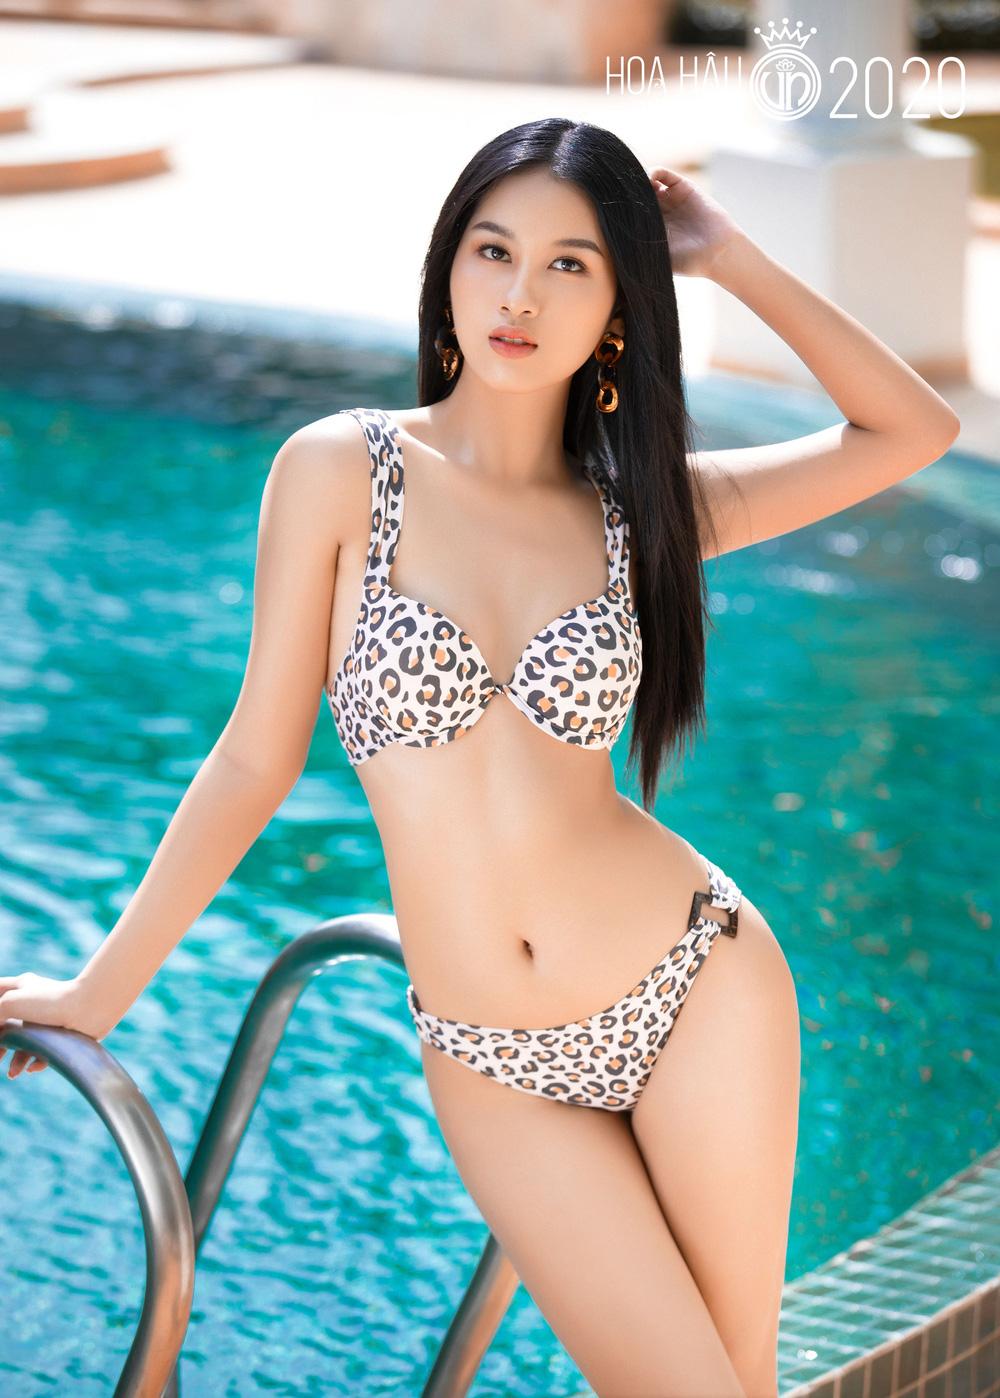 Trọn bộ ảnh bikini trước thềm Chung kết Hoa hậu Việt Nam 2020 - Ảnh 15.